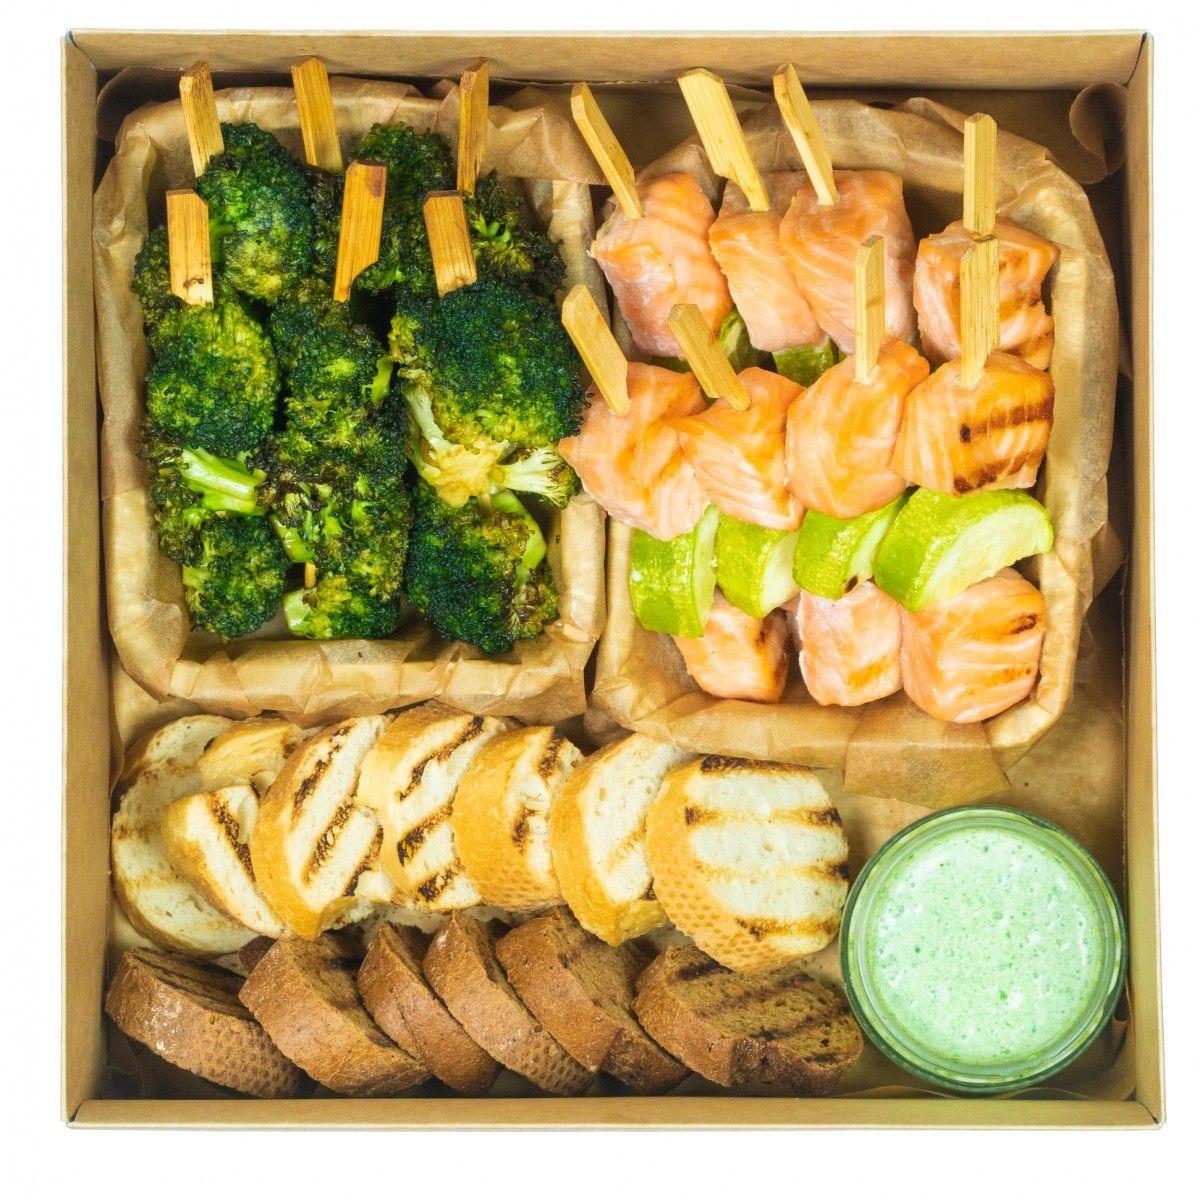 Hot Fish лосось smart box фото 1